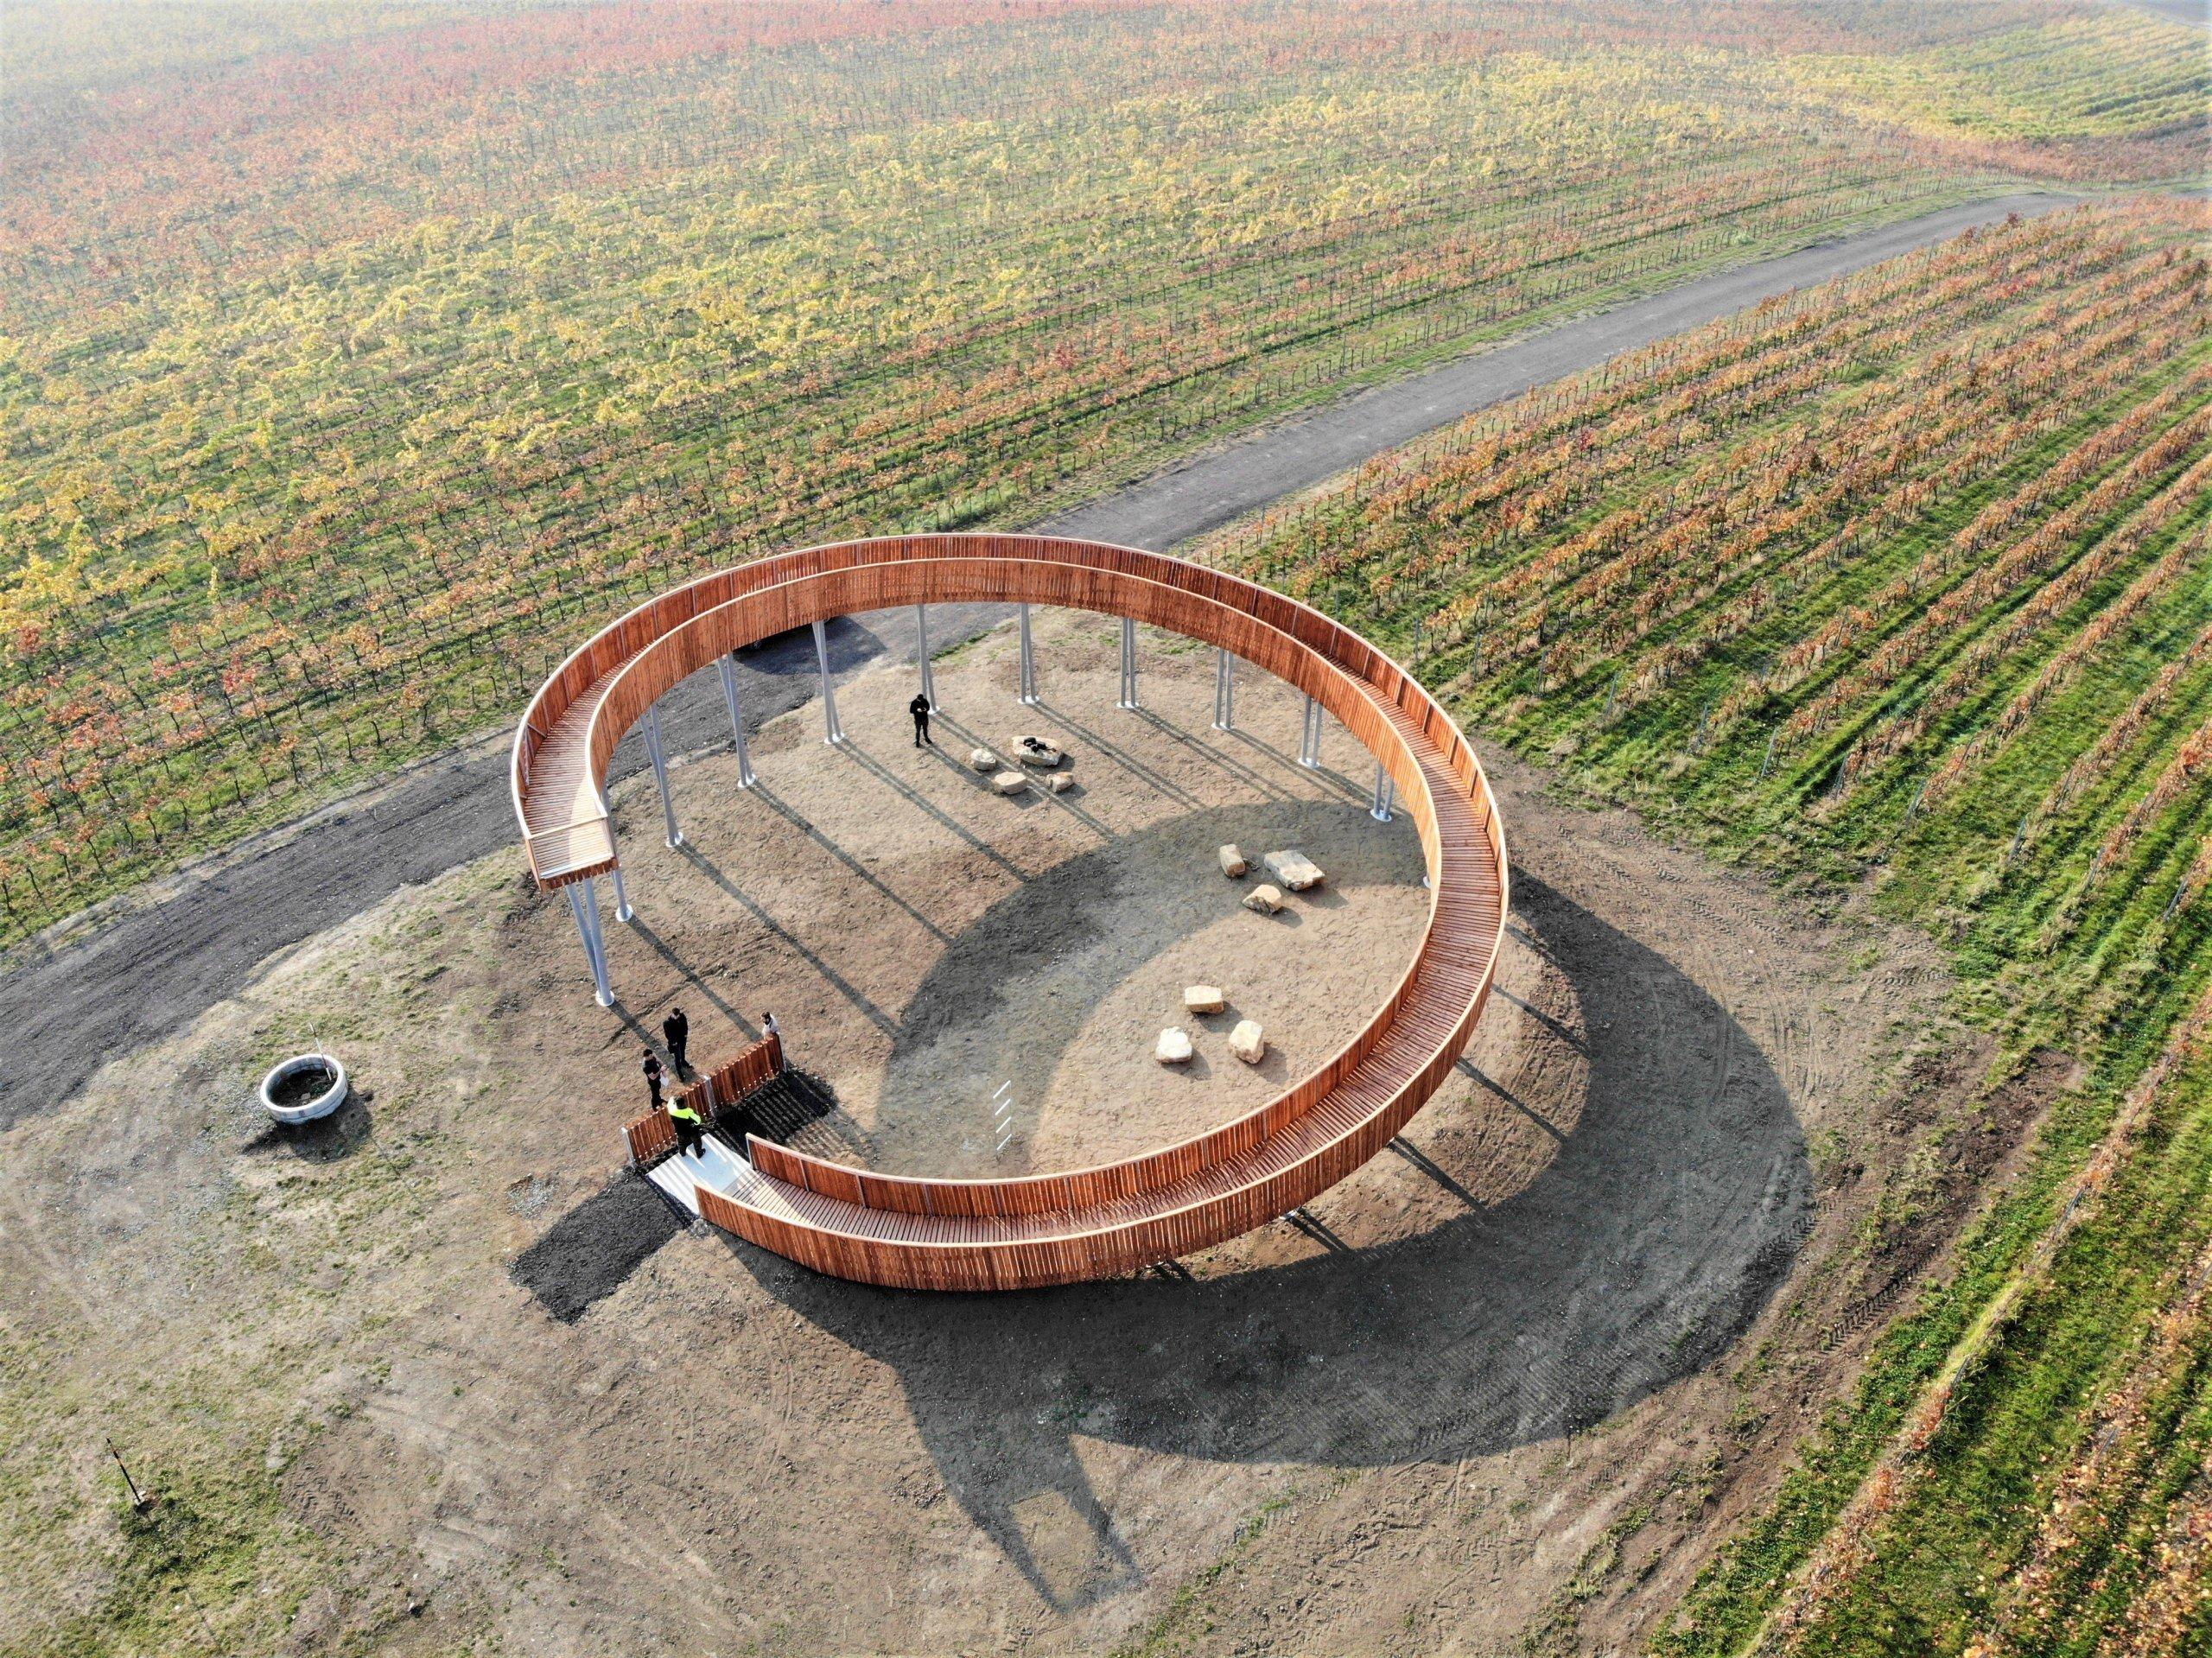 Fotografie z dronu, Kobylí, jižní Morava, vinice, rozhledna